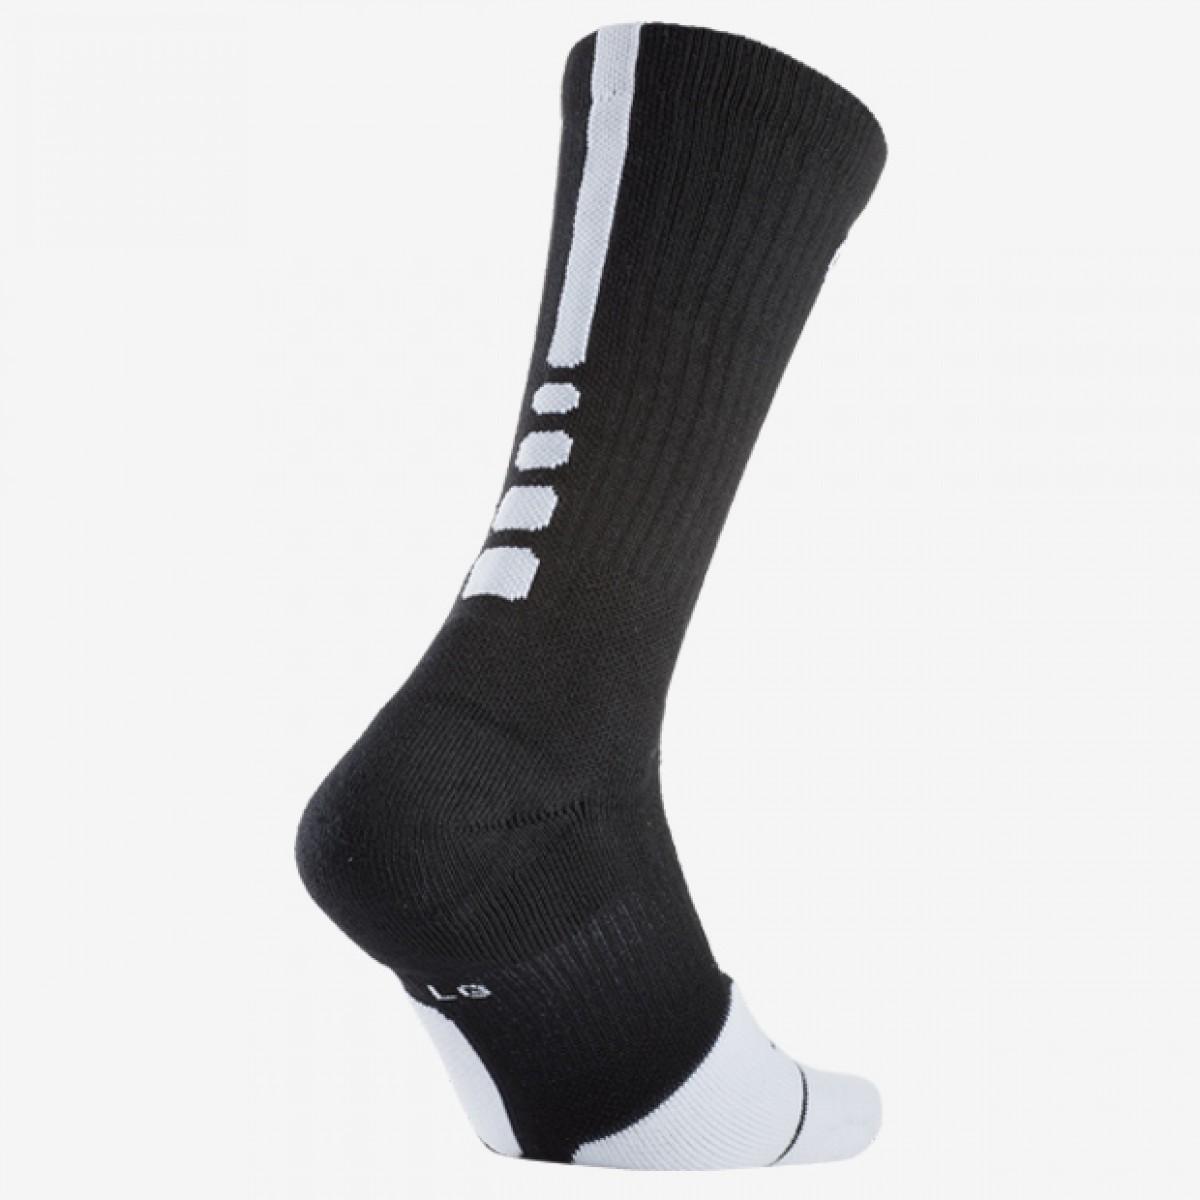 Nike Elite 1.5 Crew 'Black/White' SX5593-013